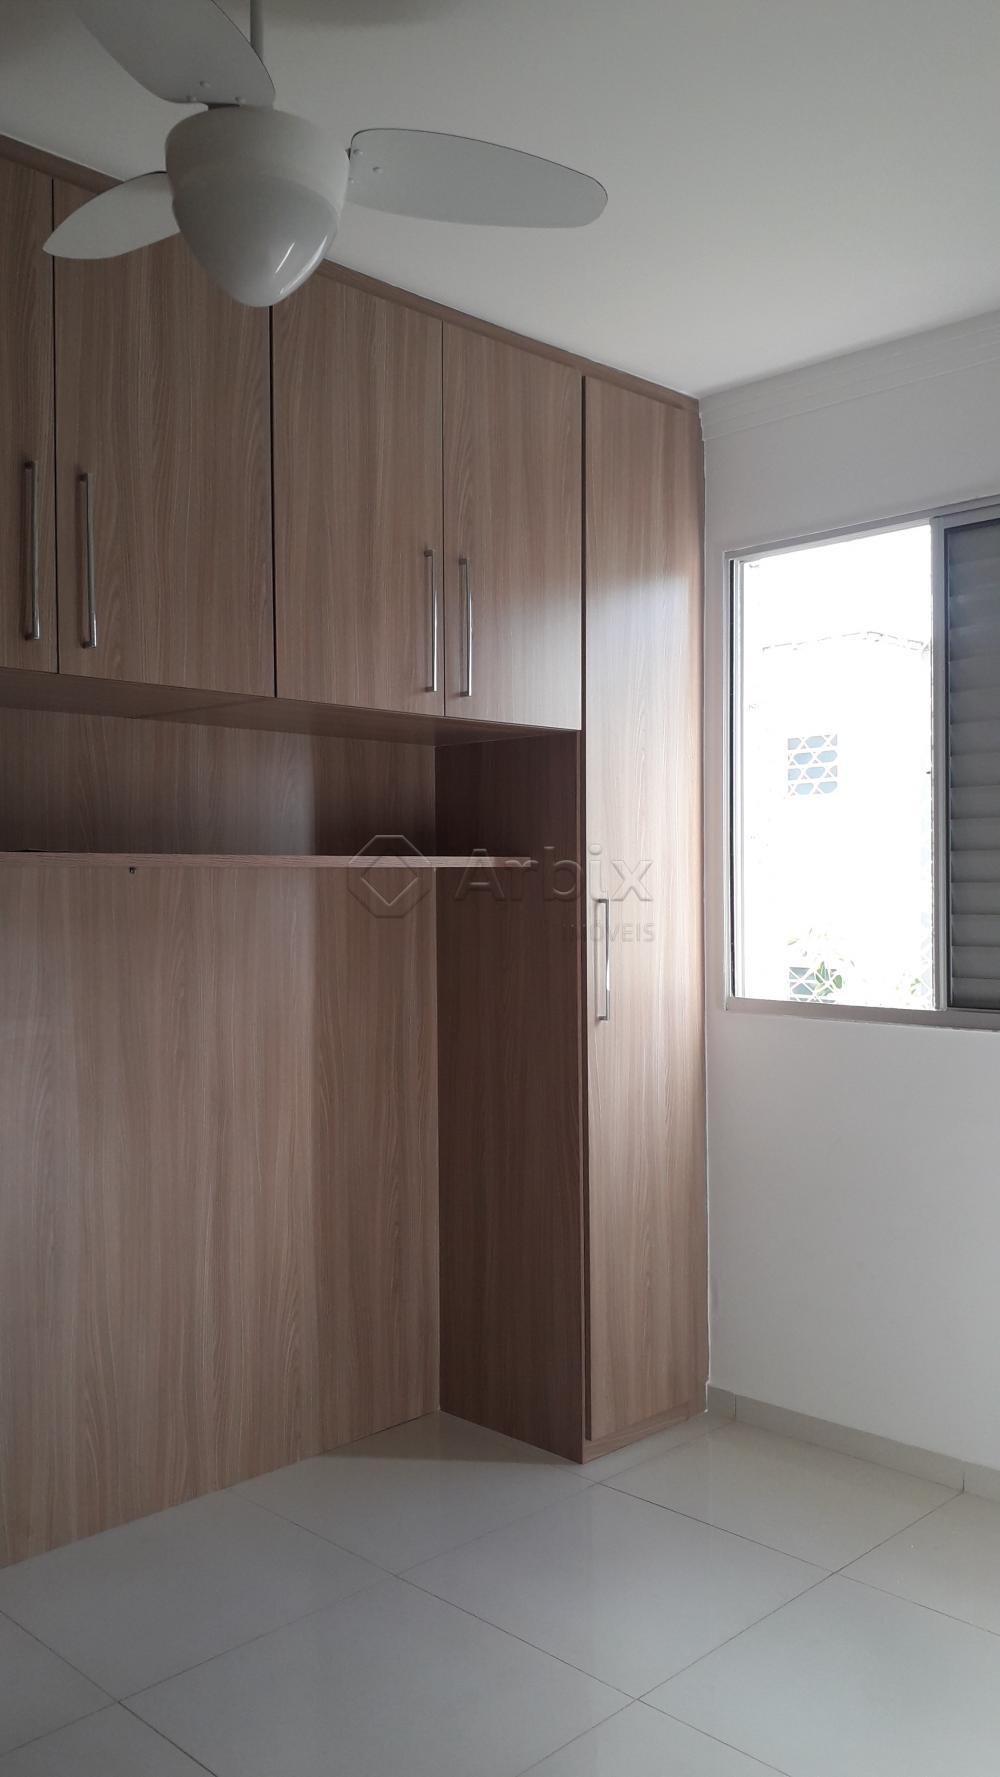 Alugar Apartamento / Padrão em Americana apenas R$ 850,00 - Foto 11